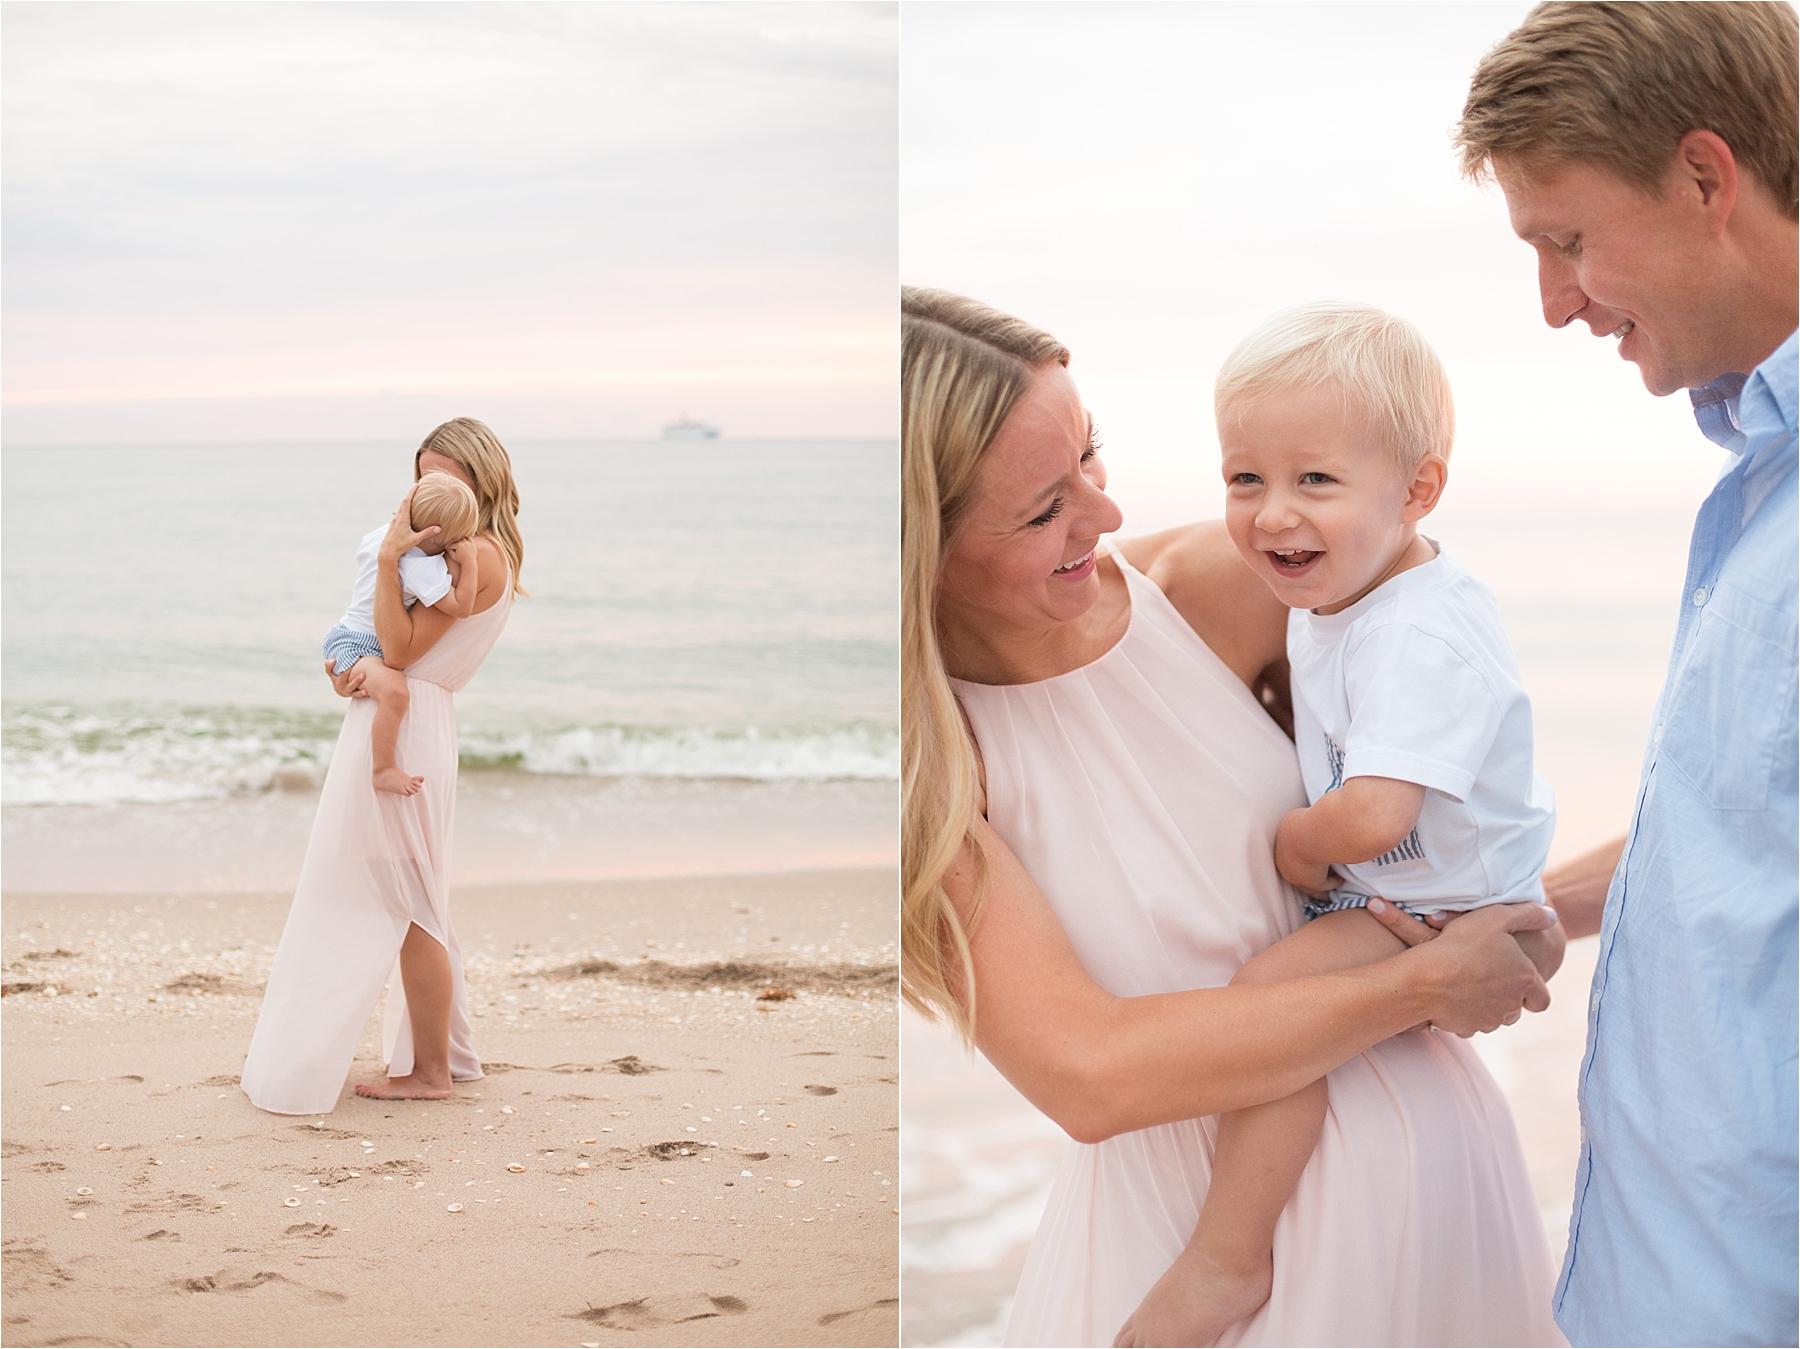 Palm Beach Family Photographer